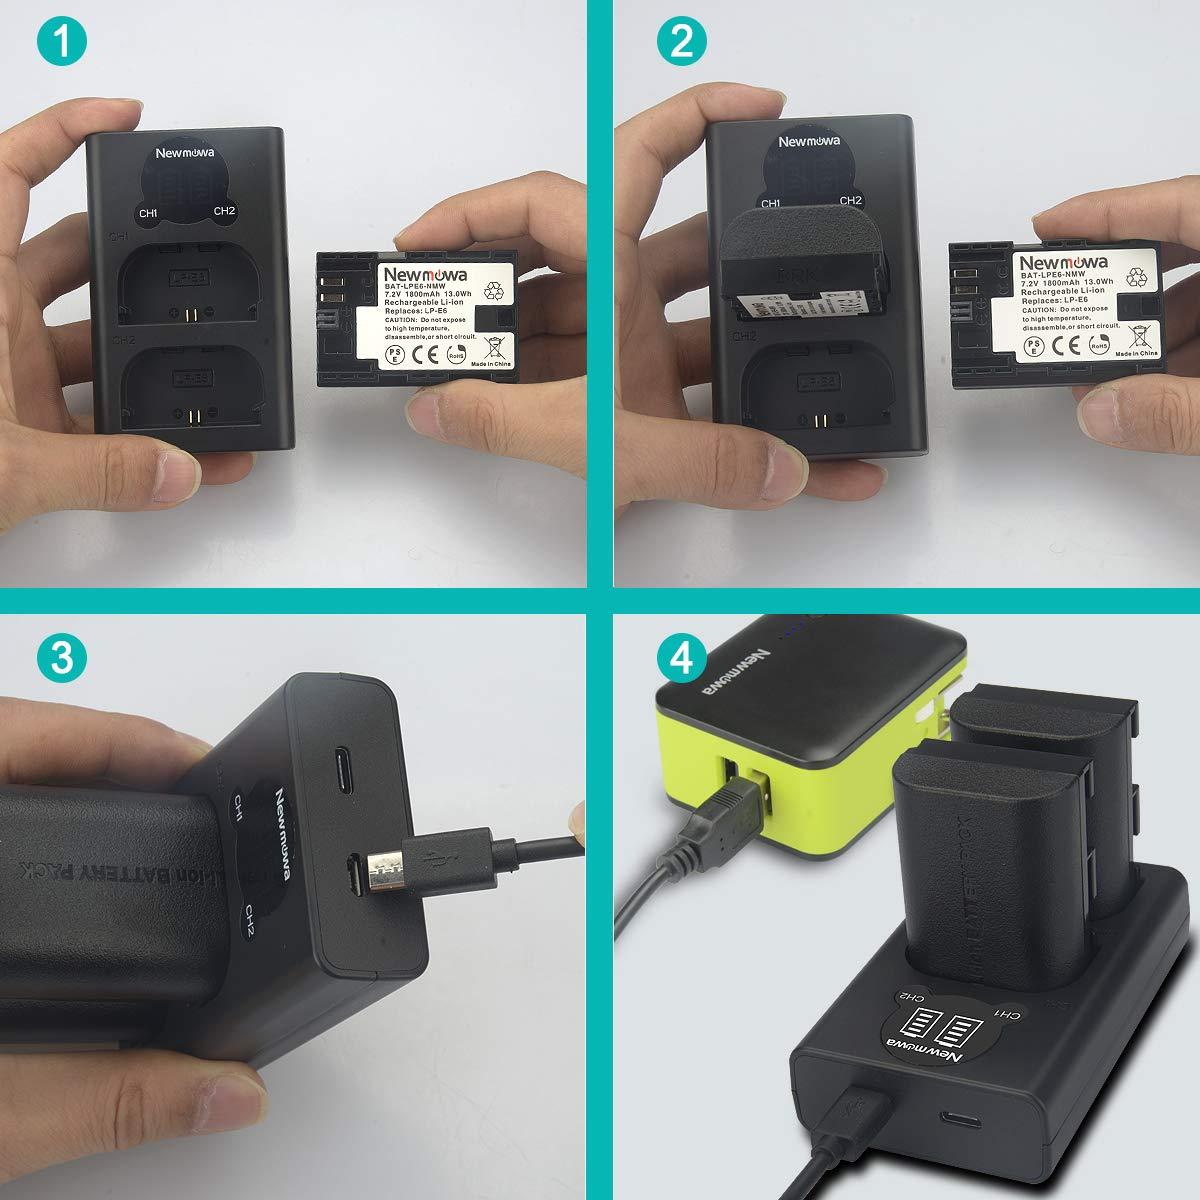 2 Paquets et Chargeur Double Intelligent LED USB pour Canon LP-E6 EOS 5D Mark II EOS 5D Mark IV EOS 5DS LP-E6N et Canon EOS 5DS R EOS 6D EOS 5D Mark III Newmowa LP-E6 Batterie de Rechange